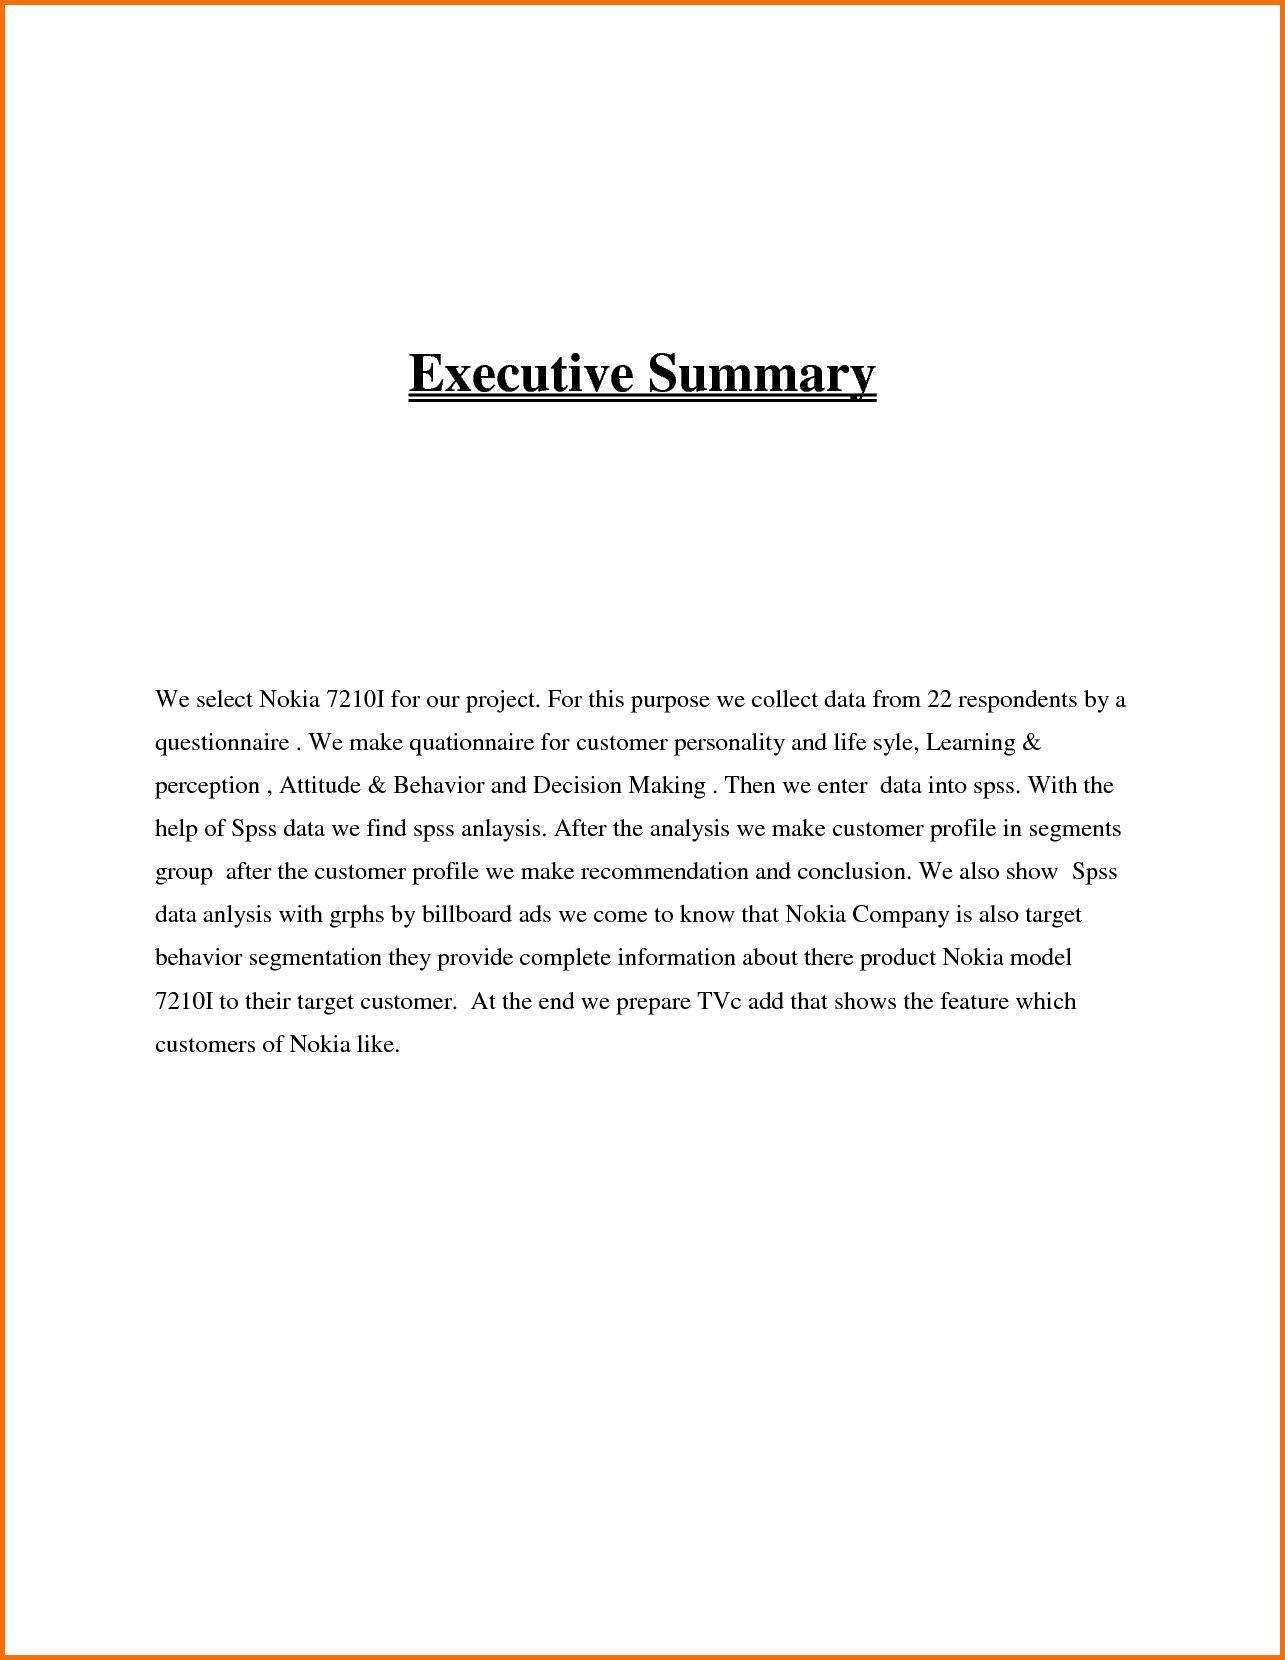 example-executive-summary-format-